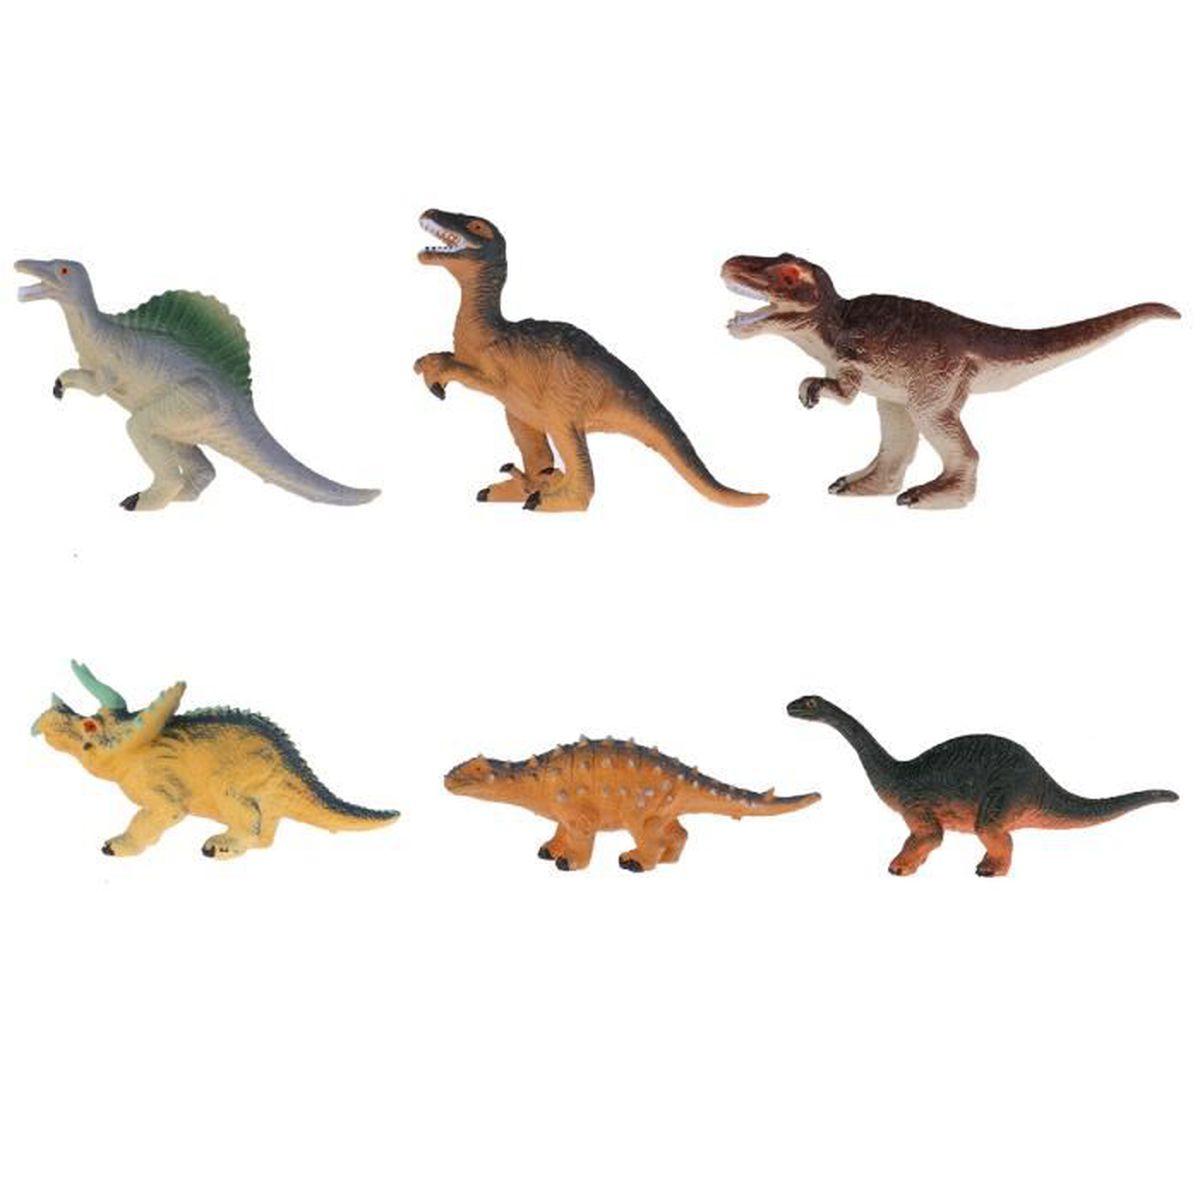 Animaux En Plastique Jouet set 6pcs dinosaures jouets figurine dinosaure en plastique